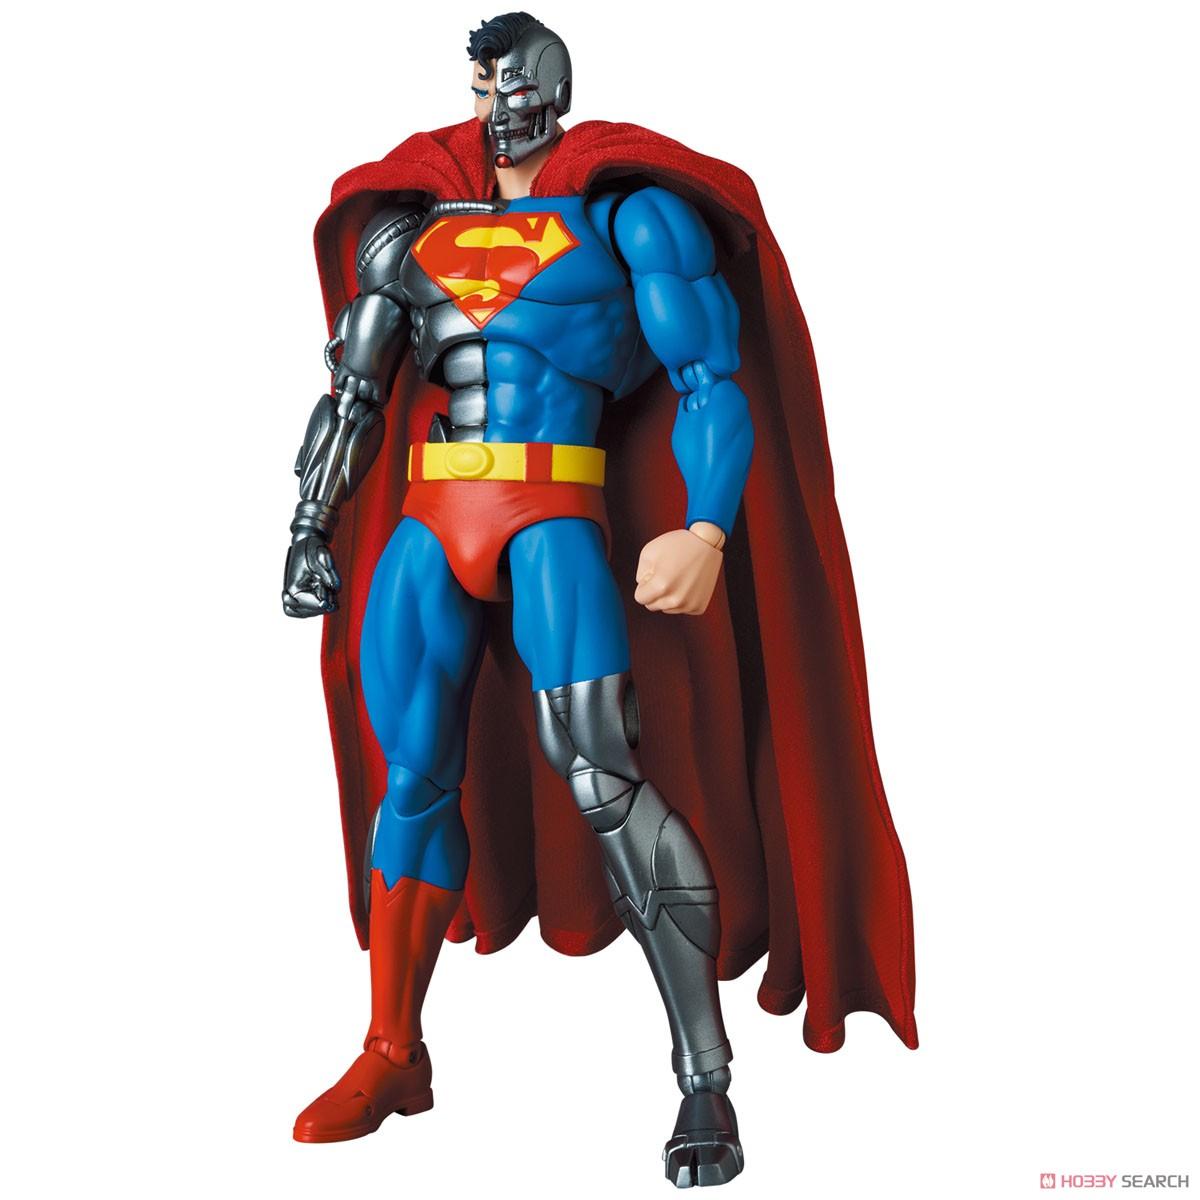 マフェックス No.164 MAFEX『サイボーグ スーパーマン/CYBORG SUPERMAN(RETURN OF SUPERMAN)』リターン・オブ・スーパーマン 可動フィギュア-004